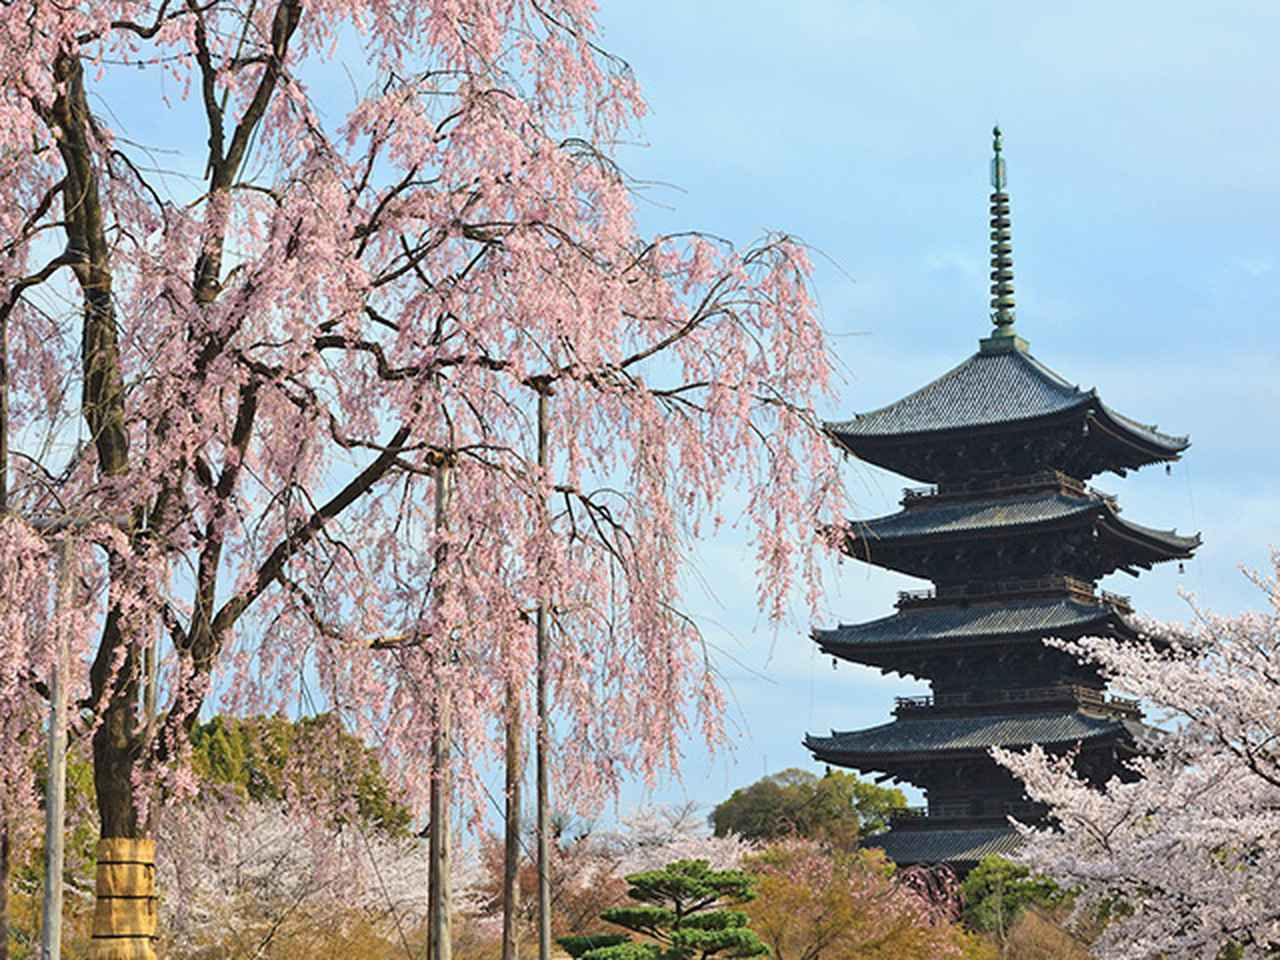 画像: 京都の桜と吉野千本桜ツアー・旅行【京都桜スポットのご紹介】│クラブツーリズム